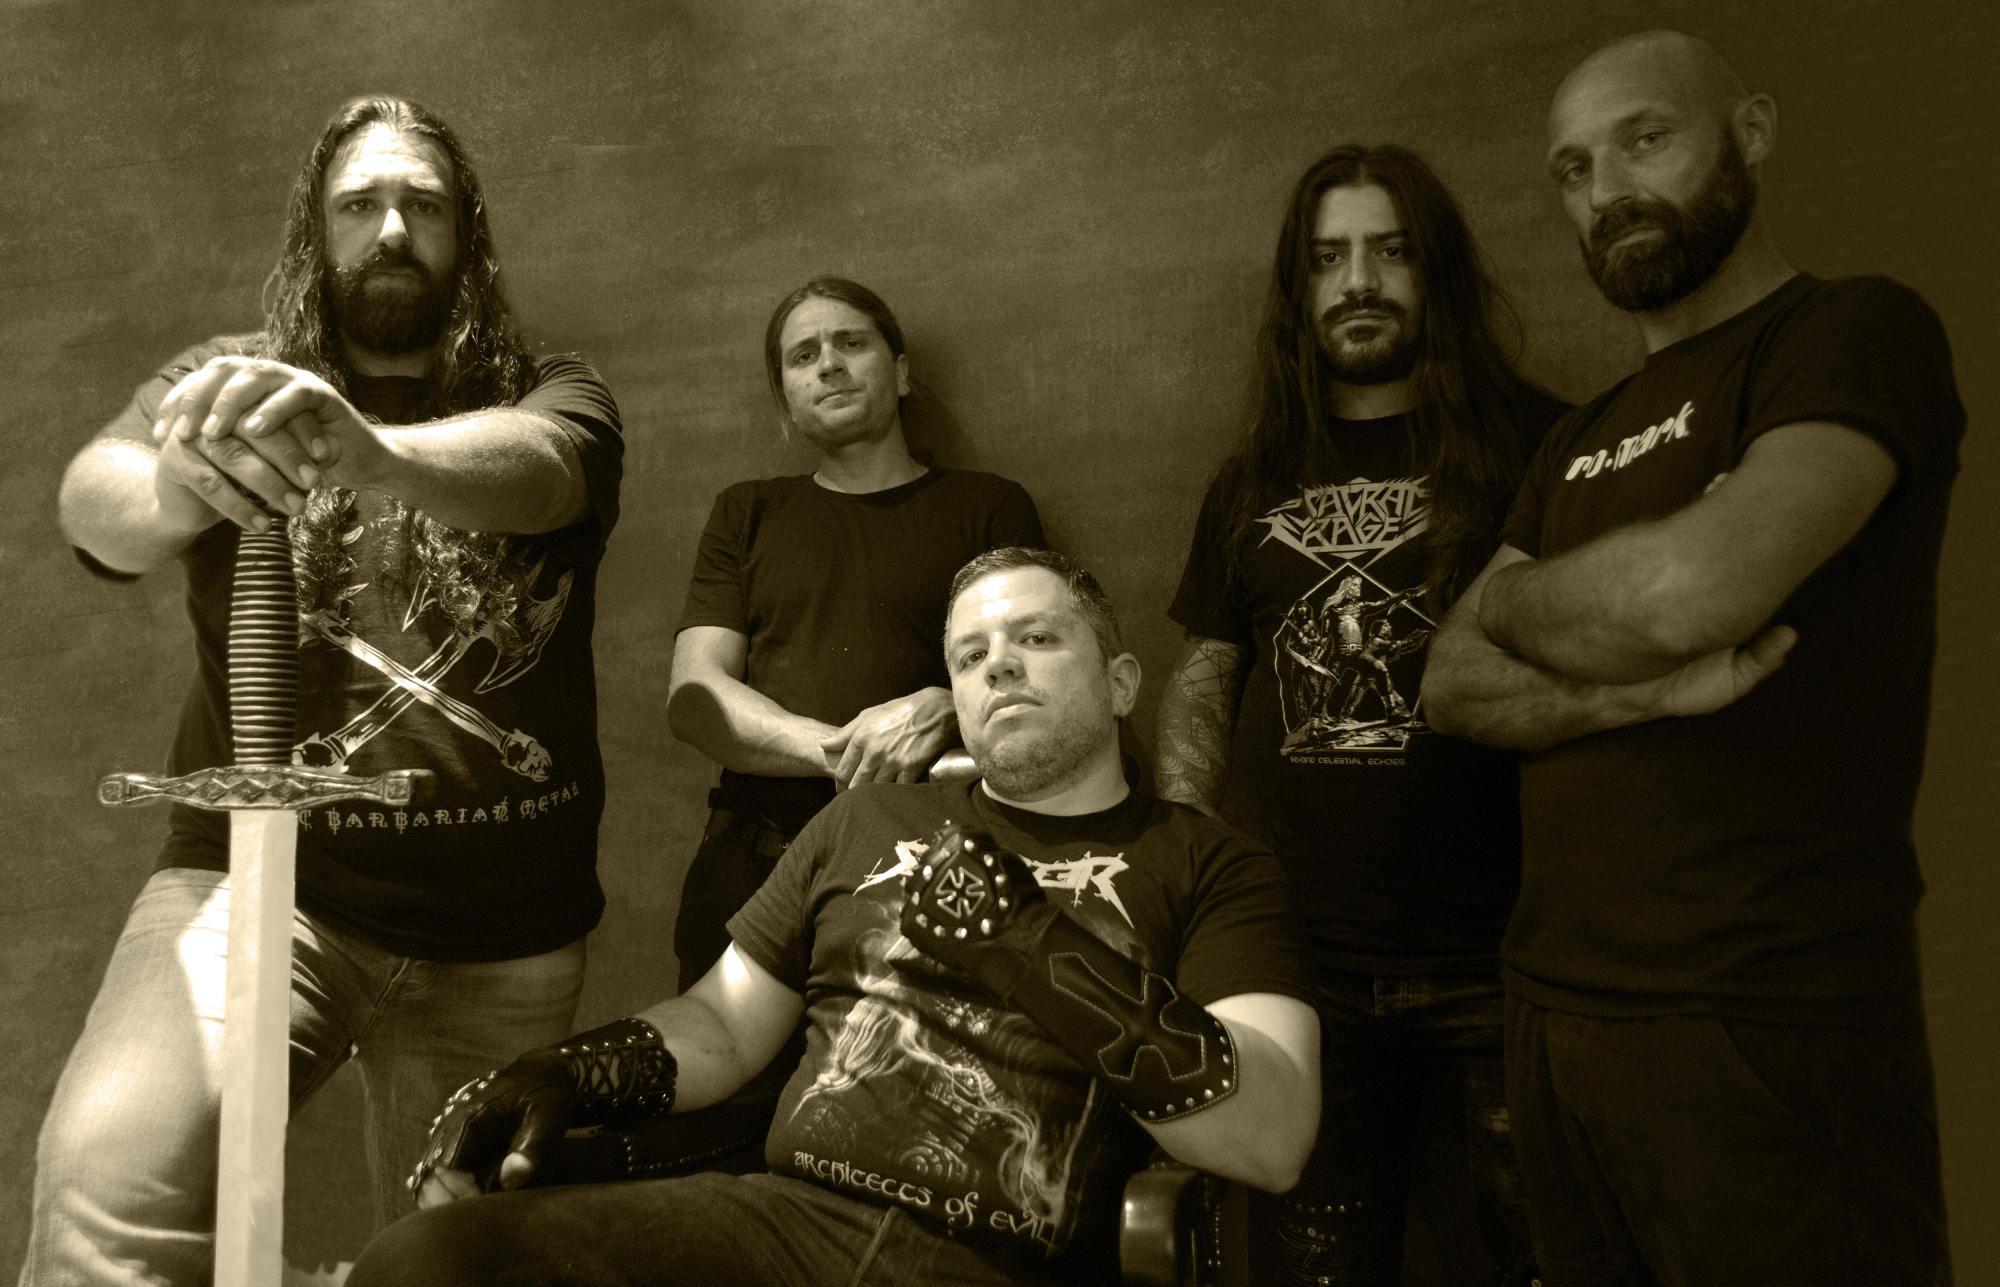 Ein Foto der Heavy-Metal-Band Solitary Sabred